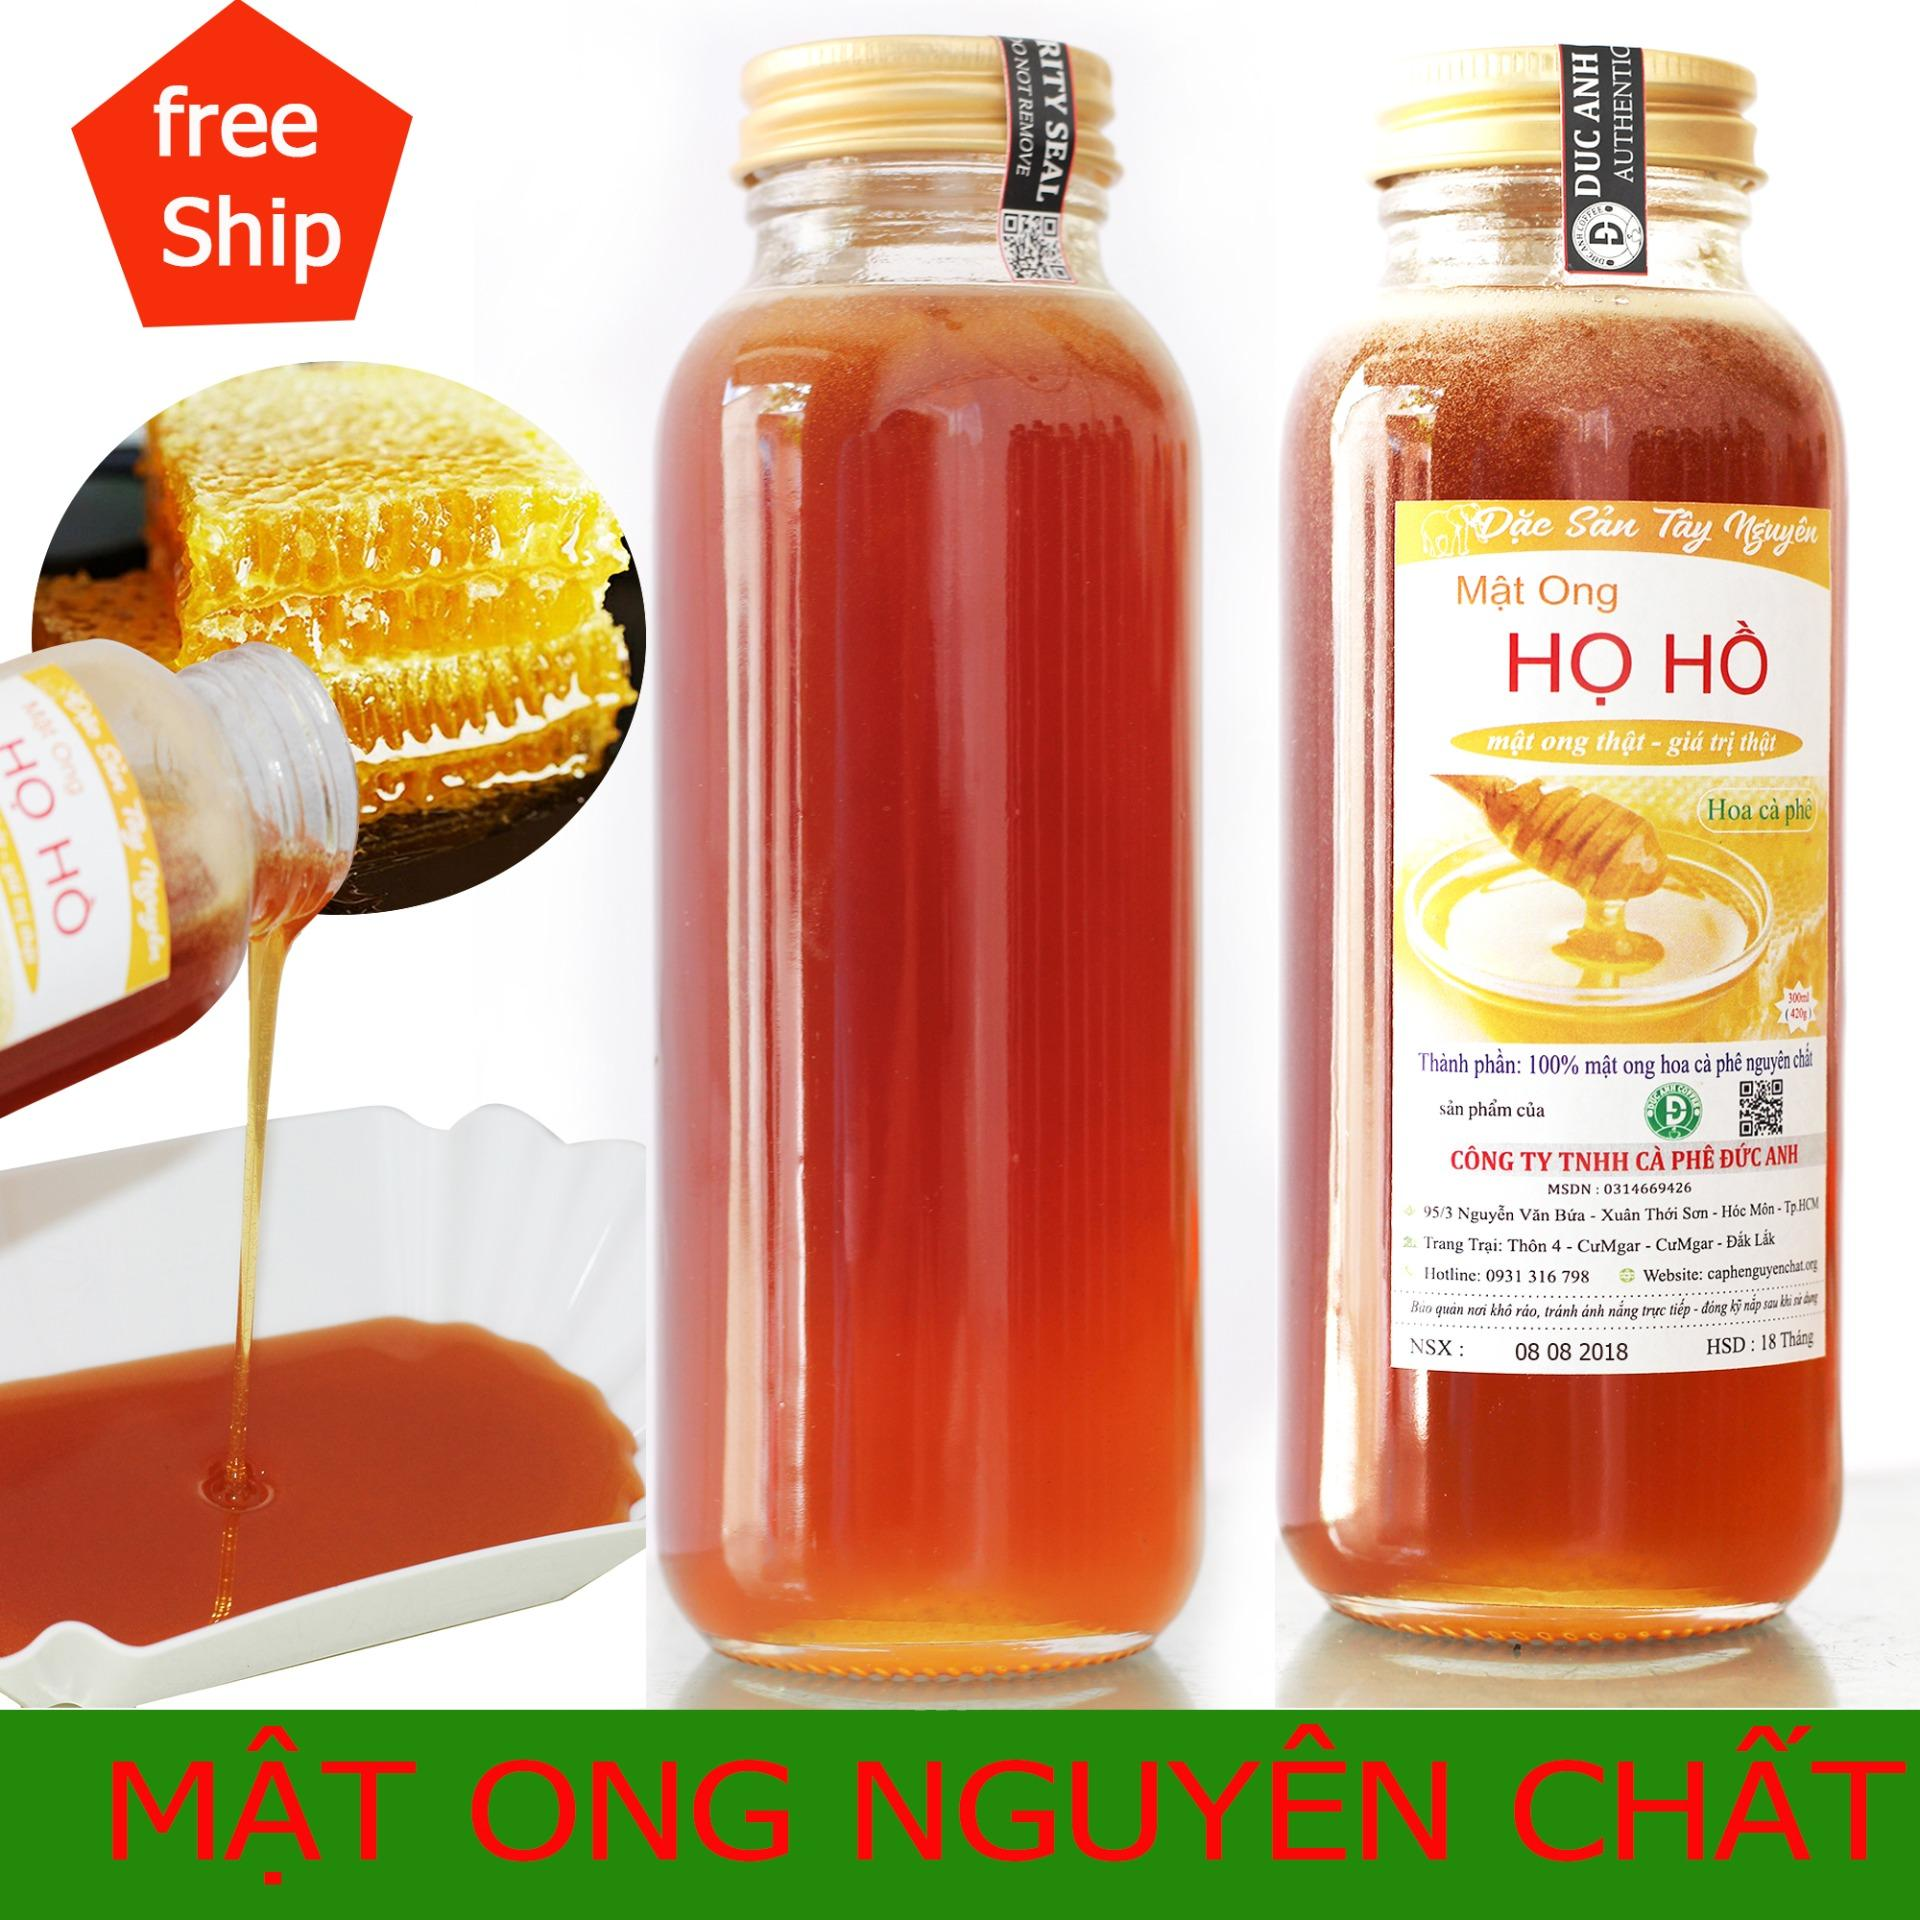 Hình ảnh 2 hũ thủy tinh mật ong cafe nguyên chất 840gr (600ml) - mật thật giá trị thật - sản phẩm của CÔNG TY TNHH CÀ PHÊ ĐỨC ANH - cam kết đổi trả nếu không vừa ý)